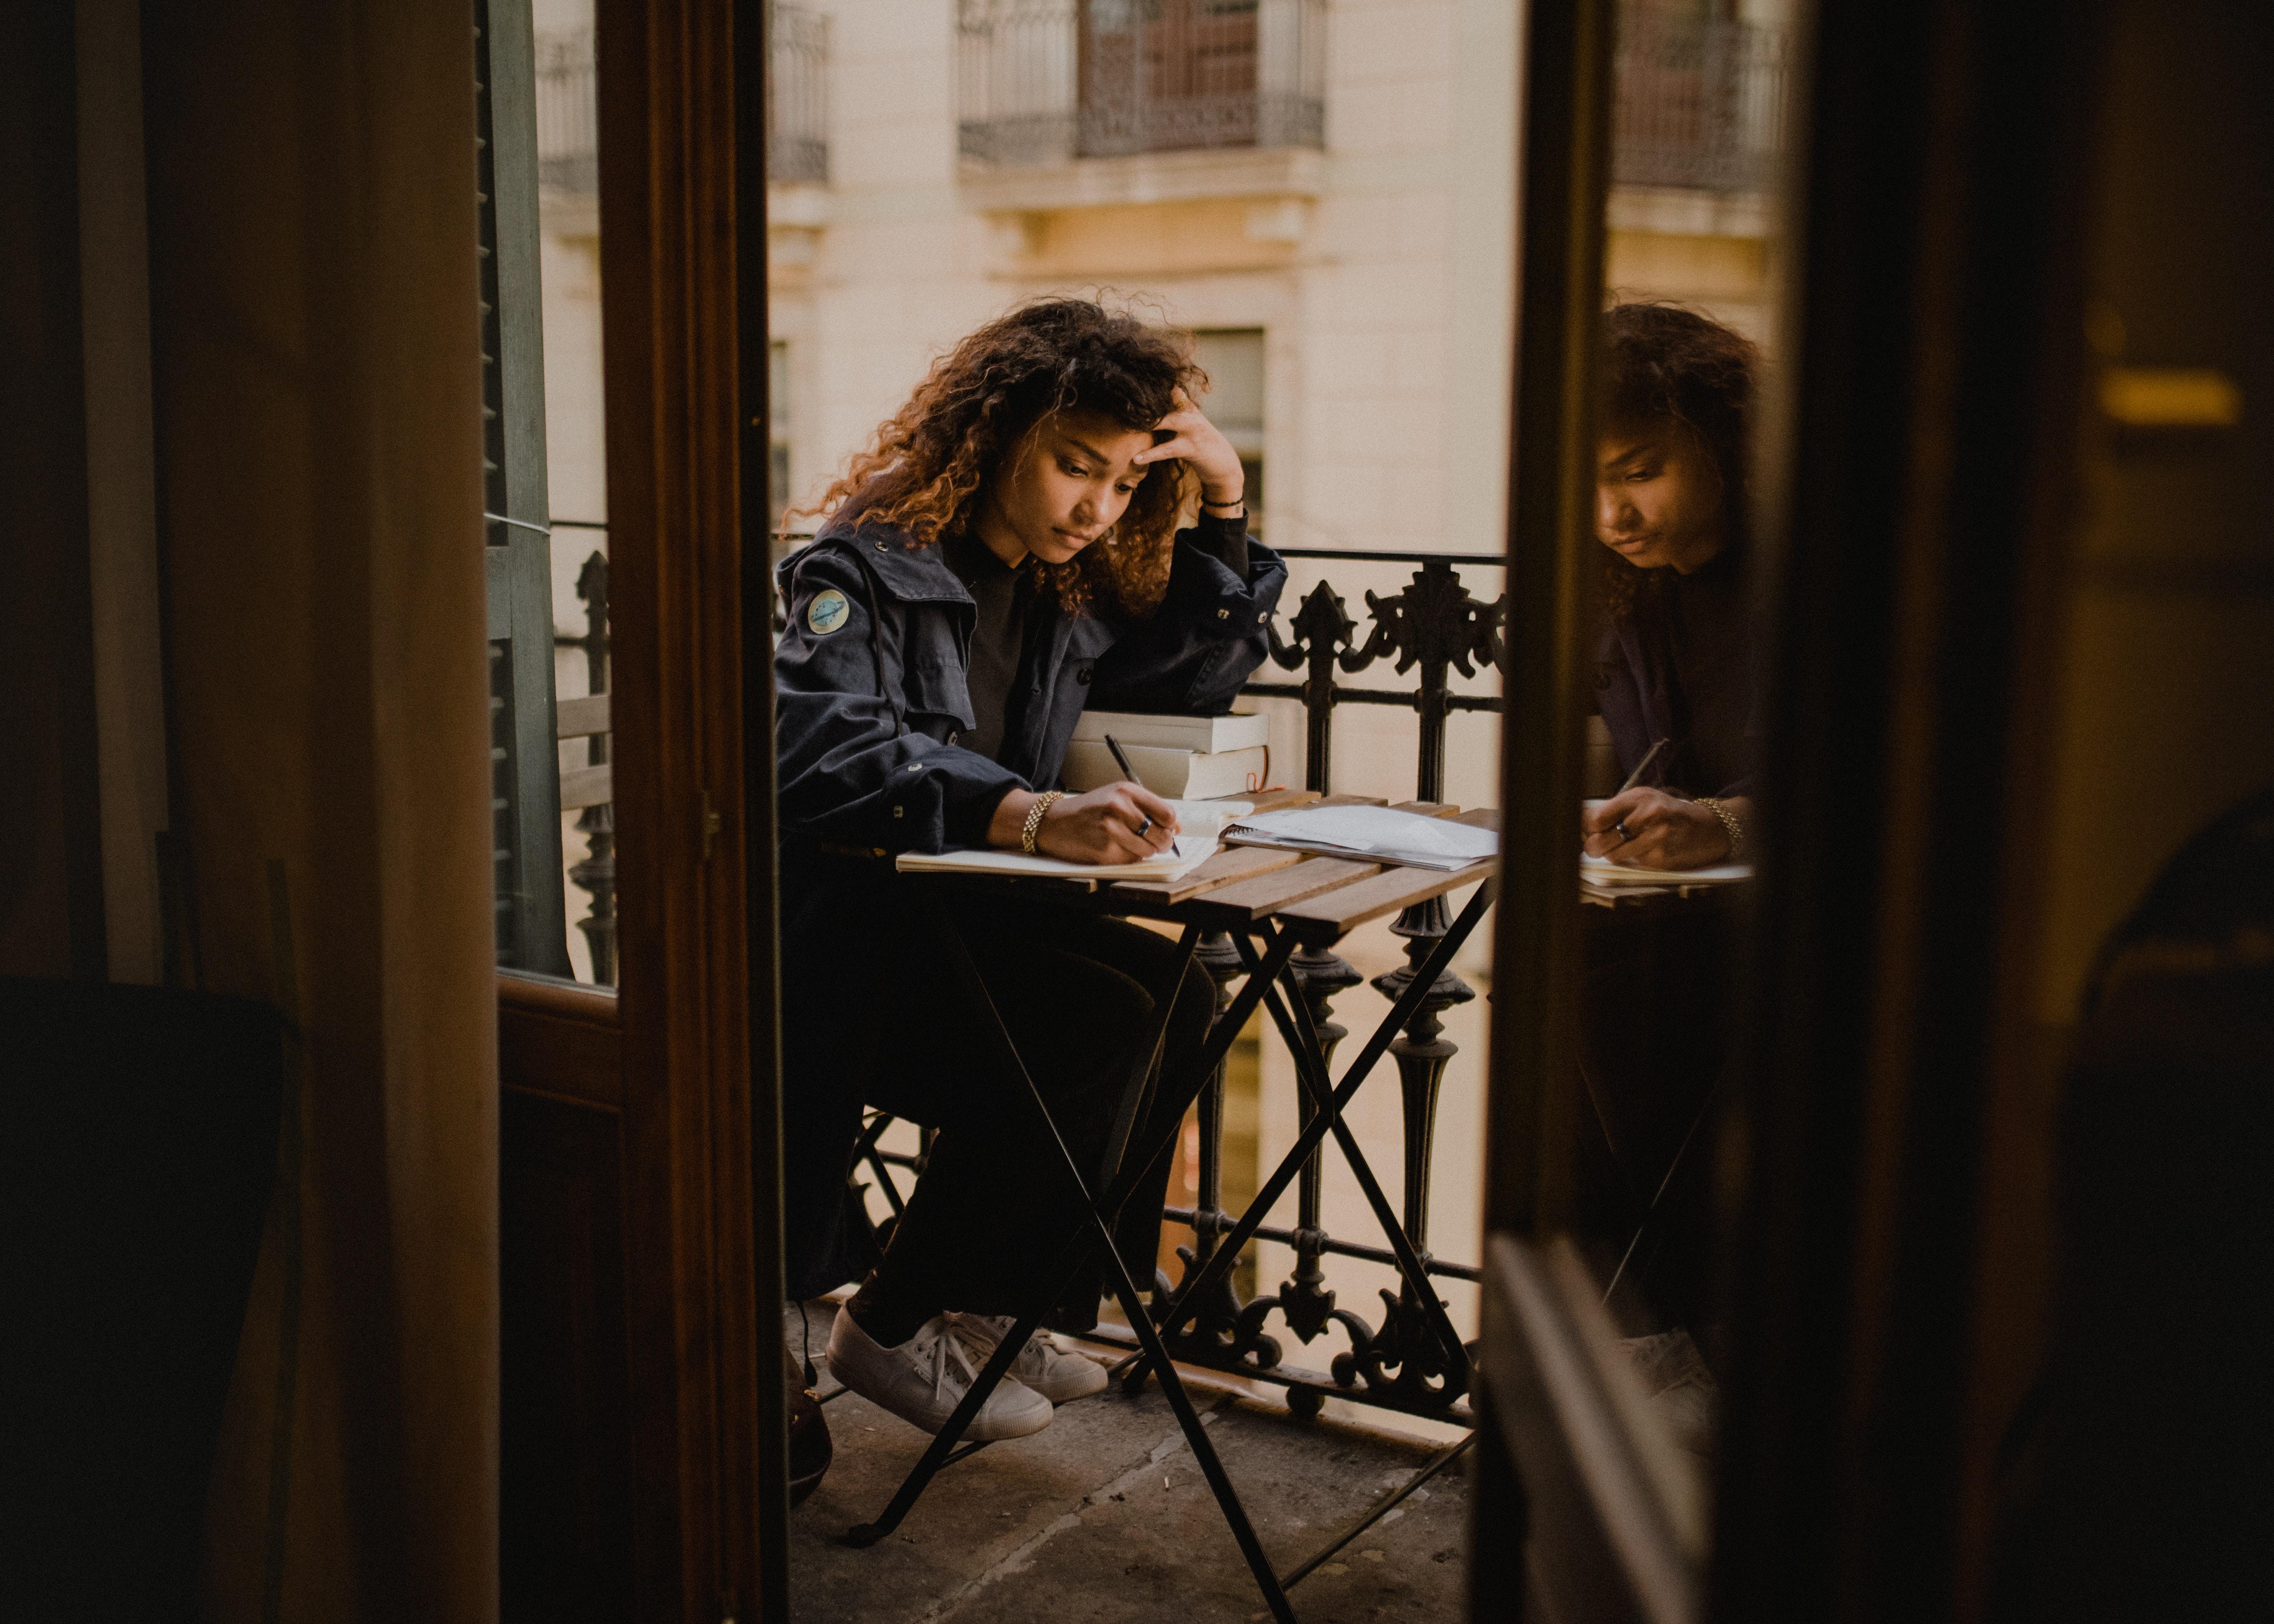 woman wearing black jacket holding pen